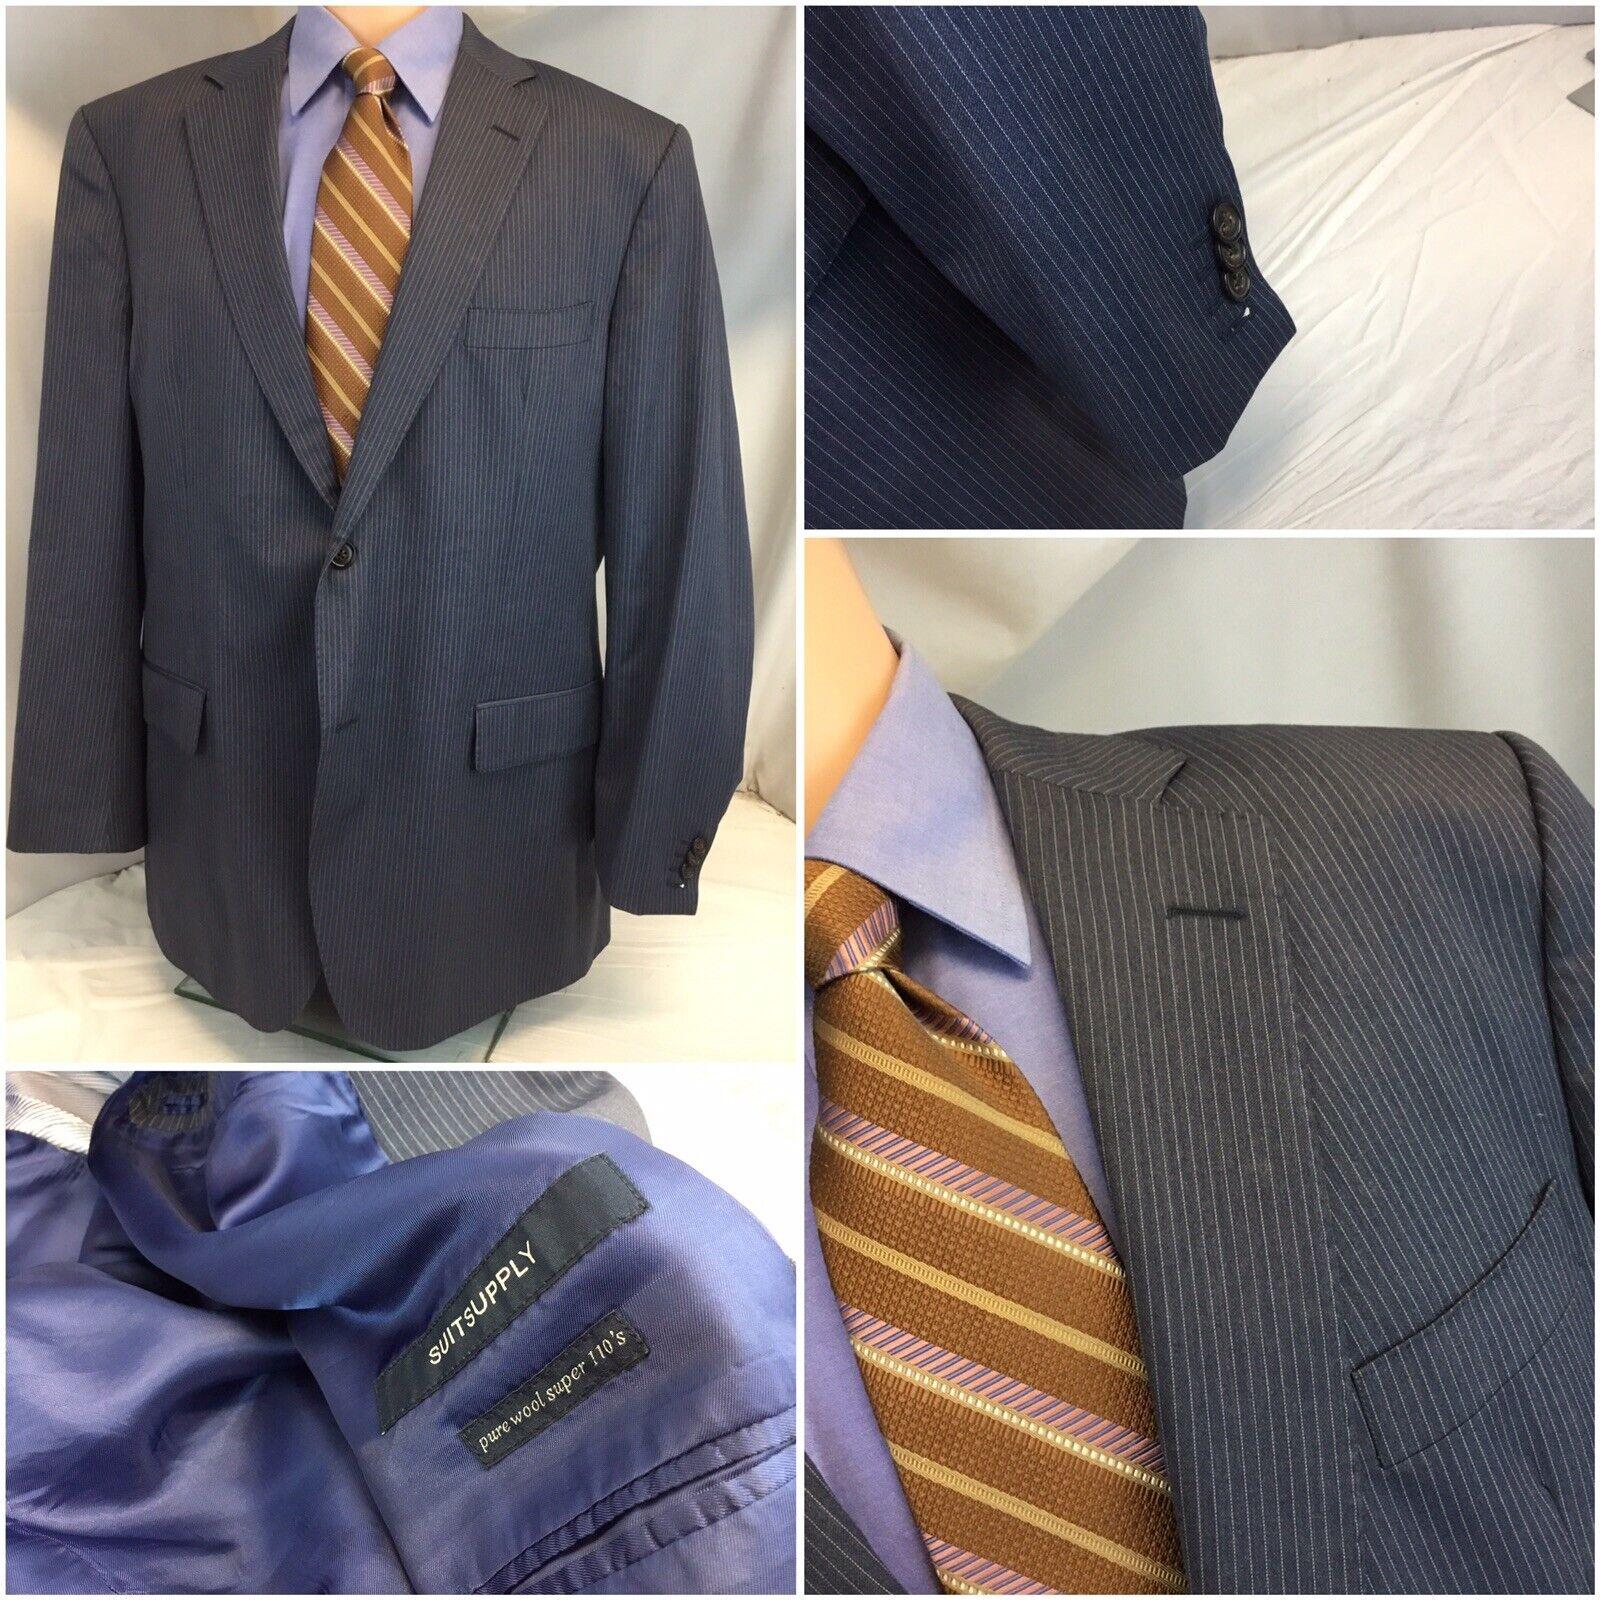 Suit Supply Bespoke Blazer Super 110 44R bluee Stripe 2b 2v Func Cuffs YGI C9-463